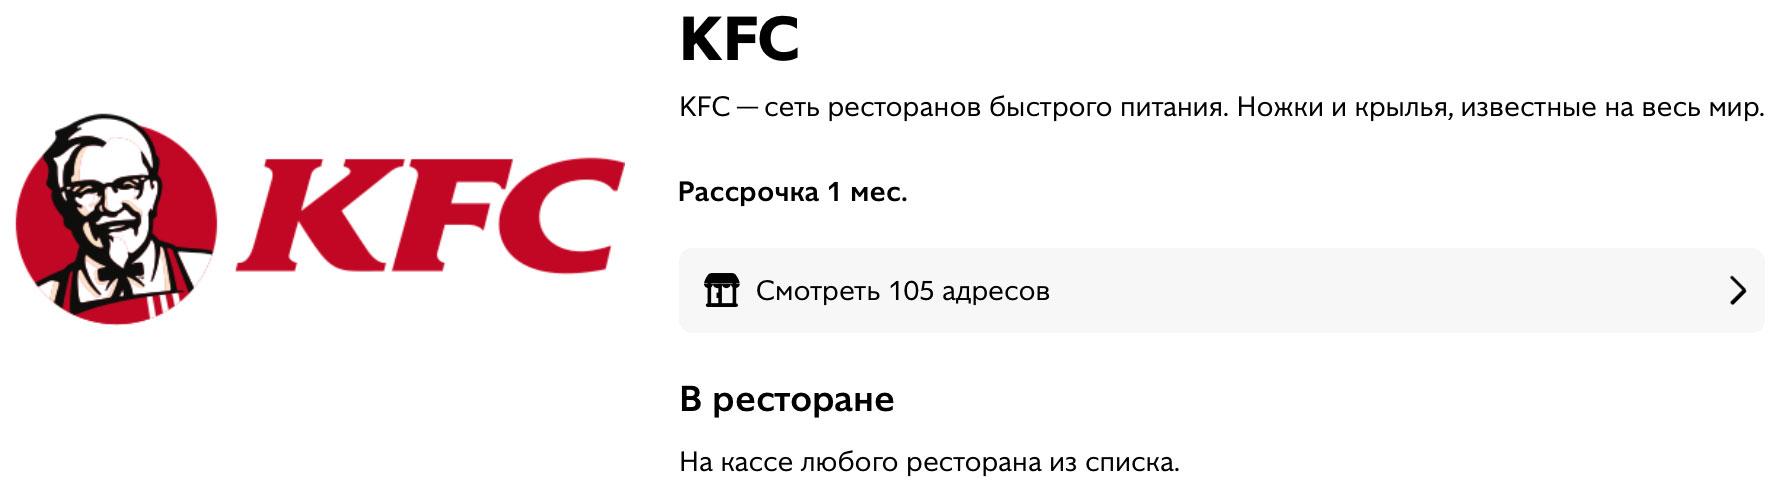 Покупки в kfc картой Совесть